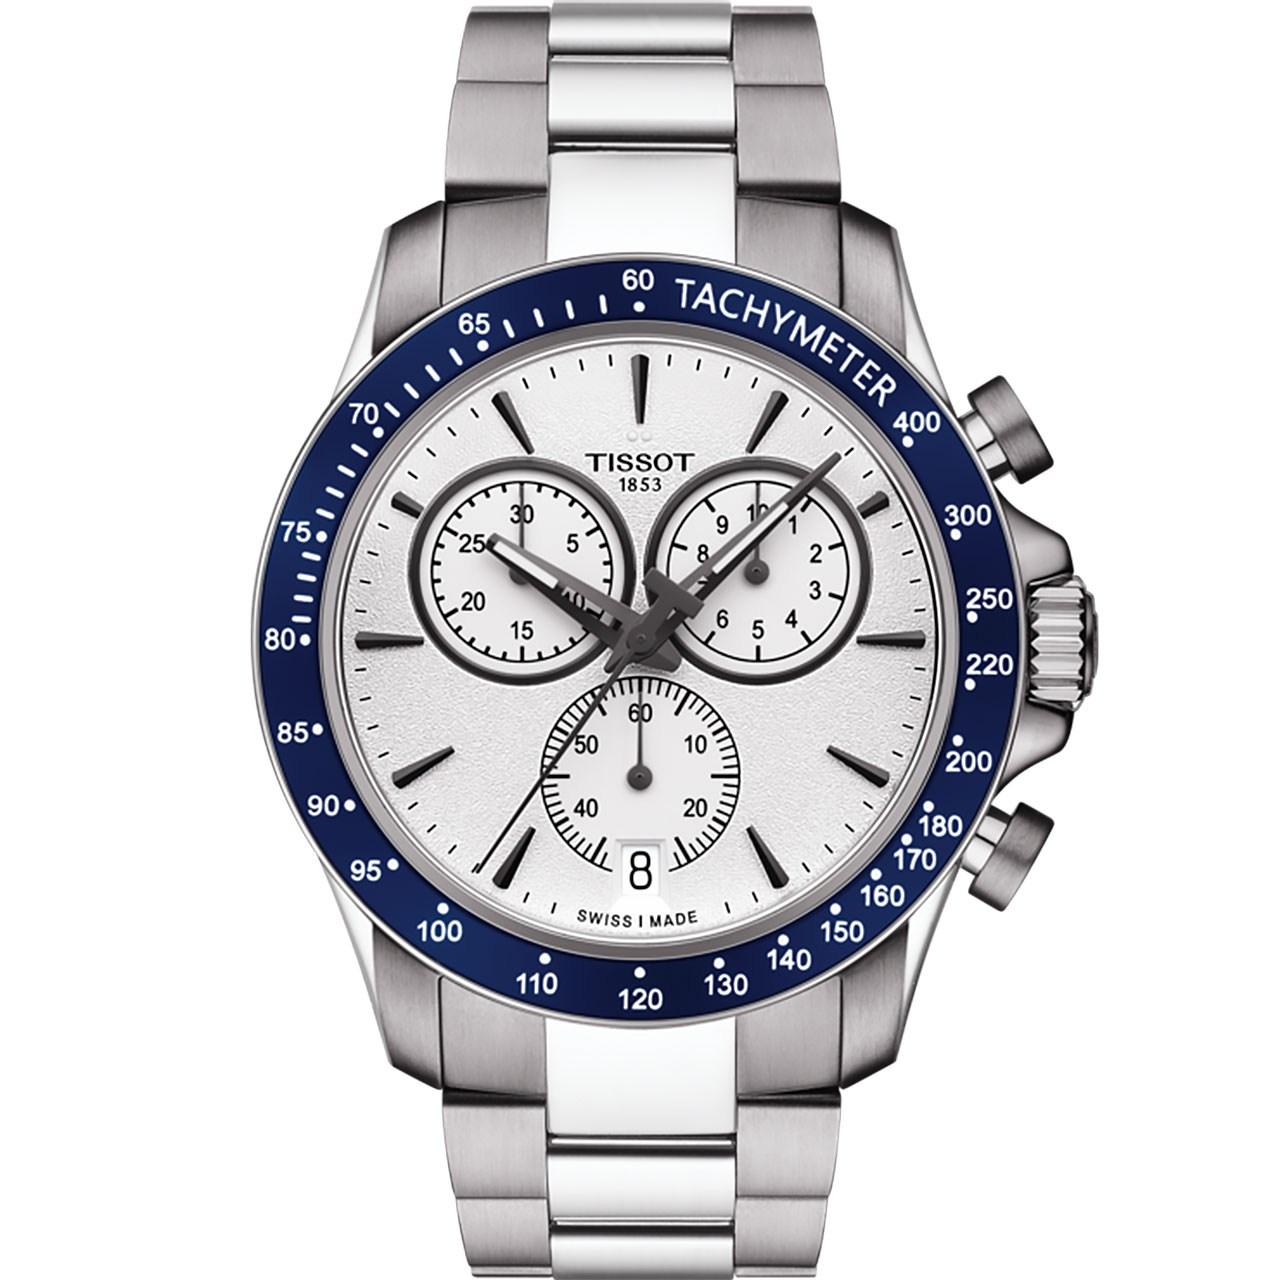 ساعت مچی عقربه ای مردانه تیسوت مدل T106.417.11.031.00 28